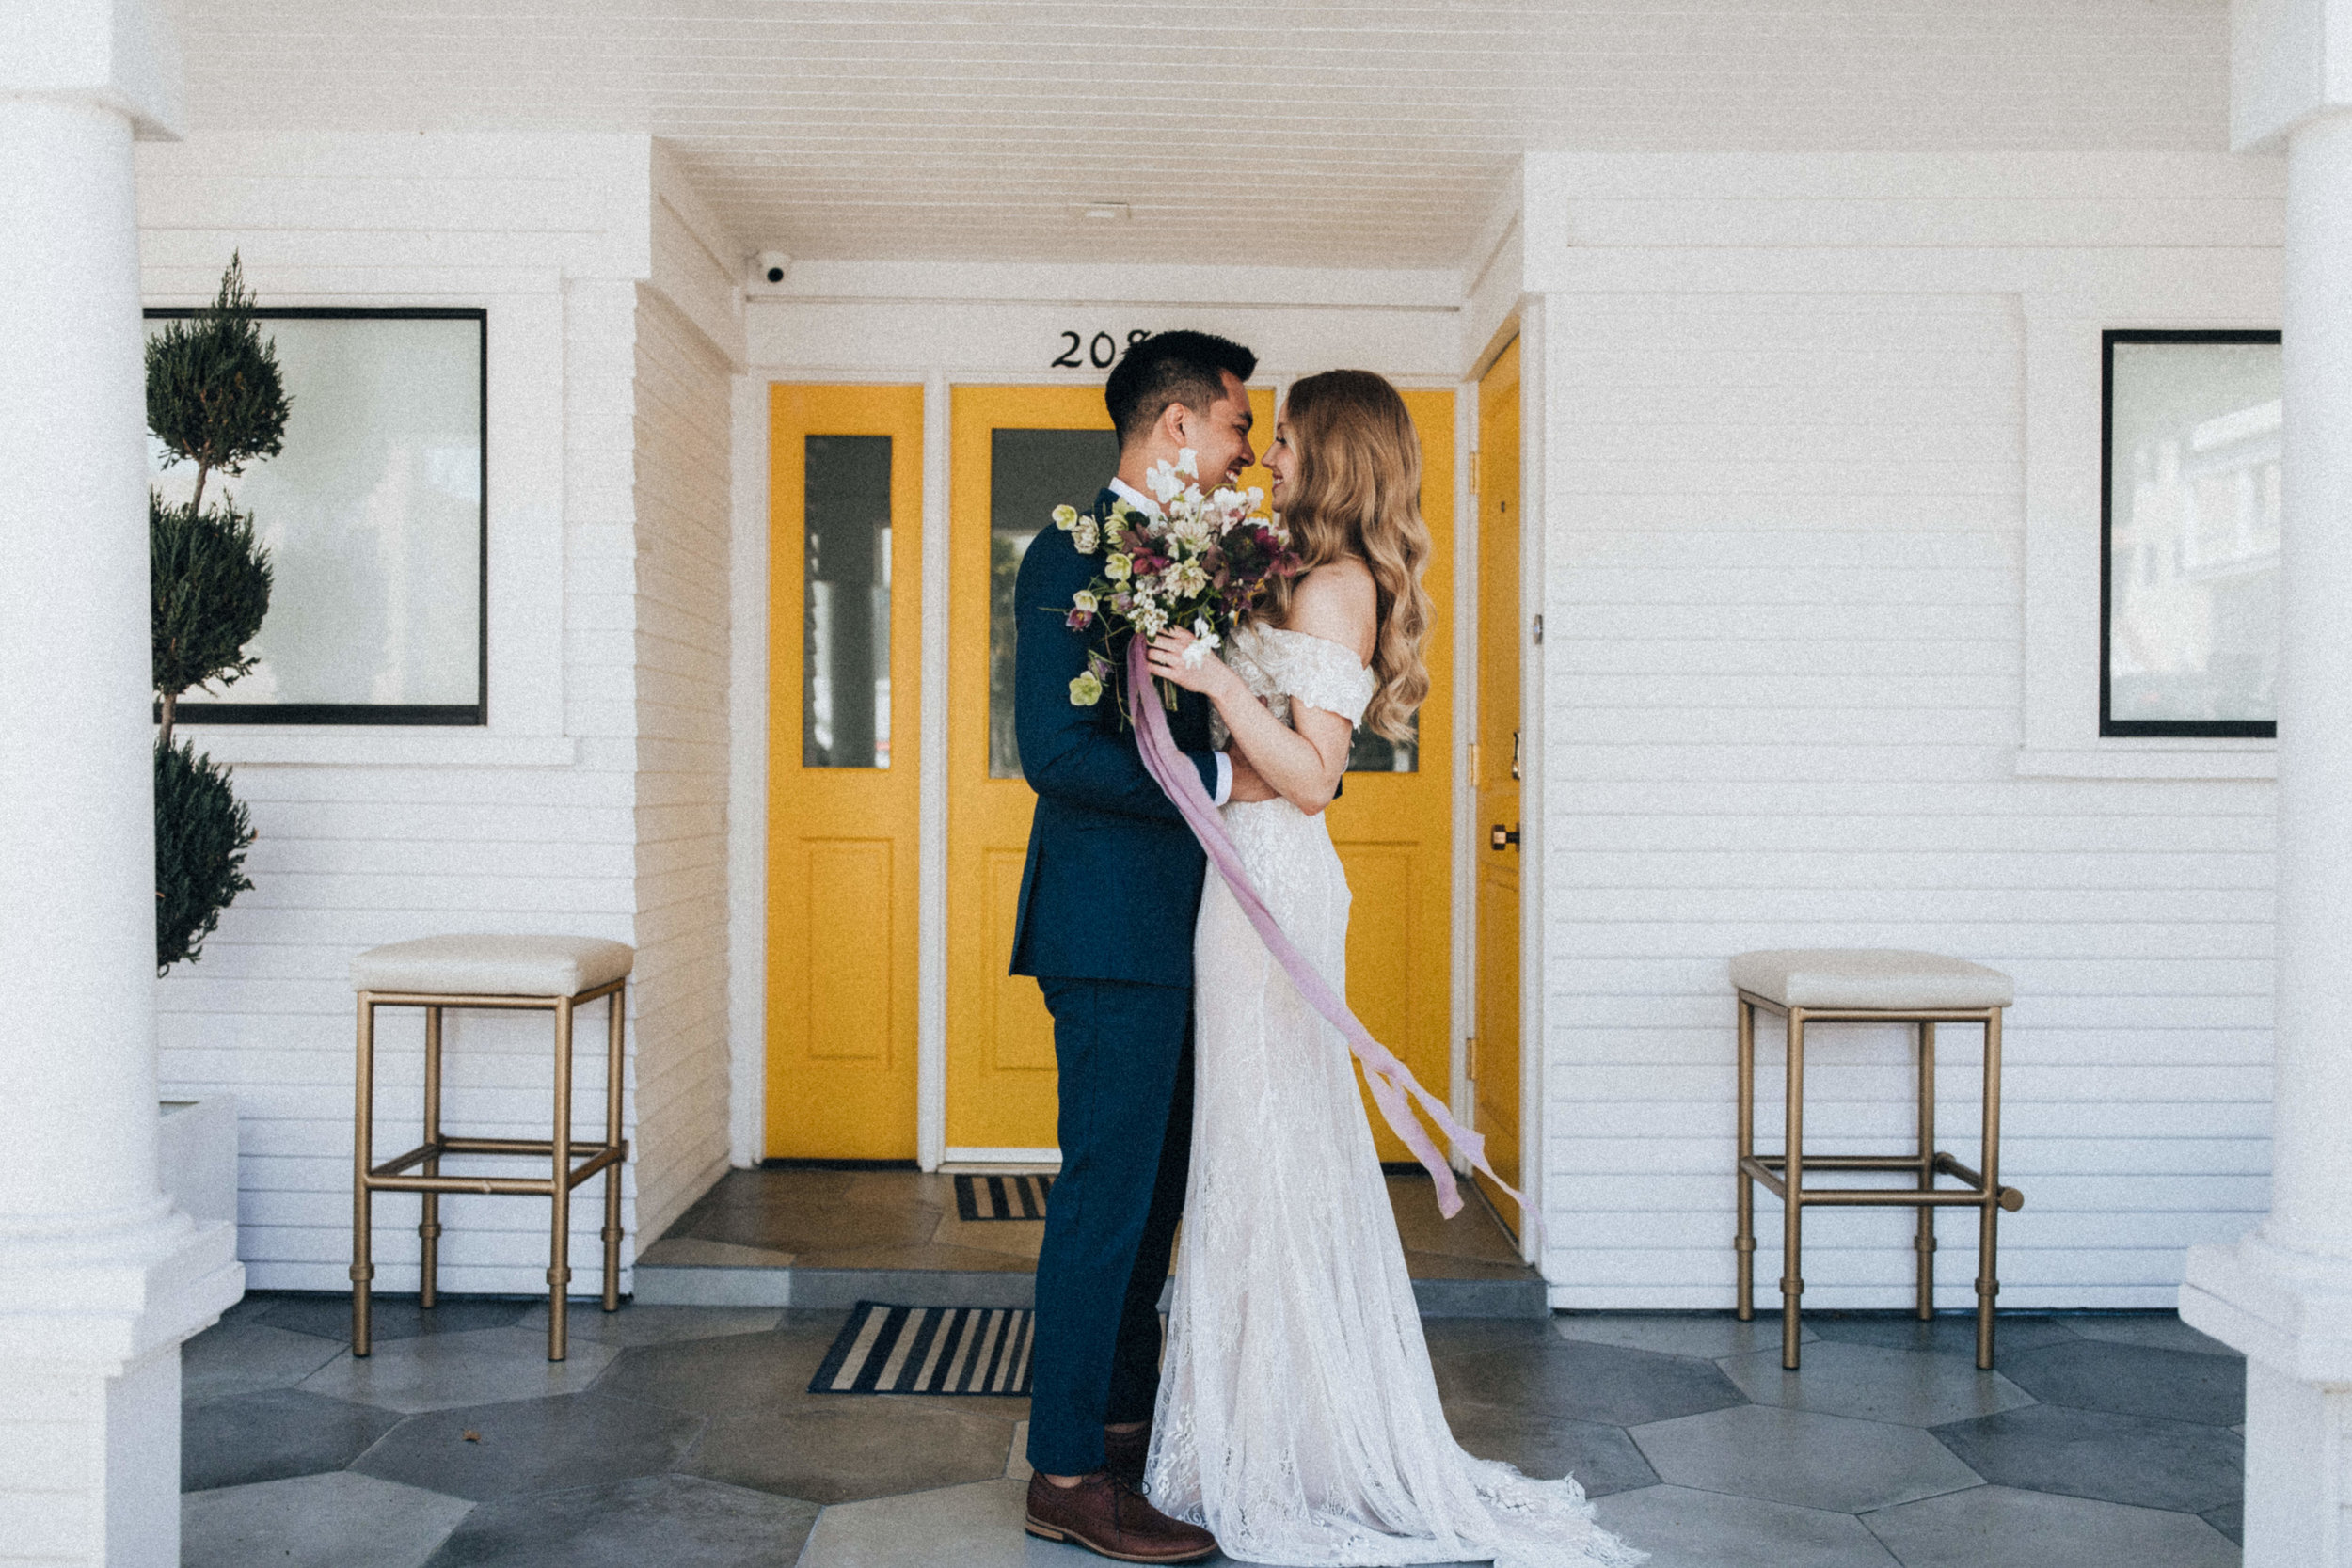 Kacie and TJ-Bride and Groom-0049.jpg